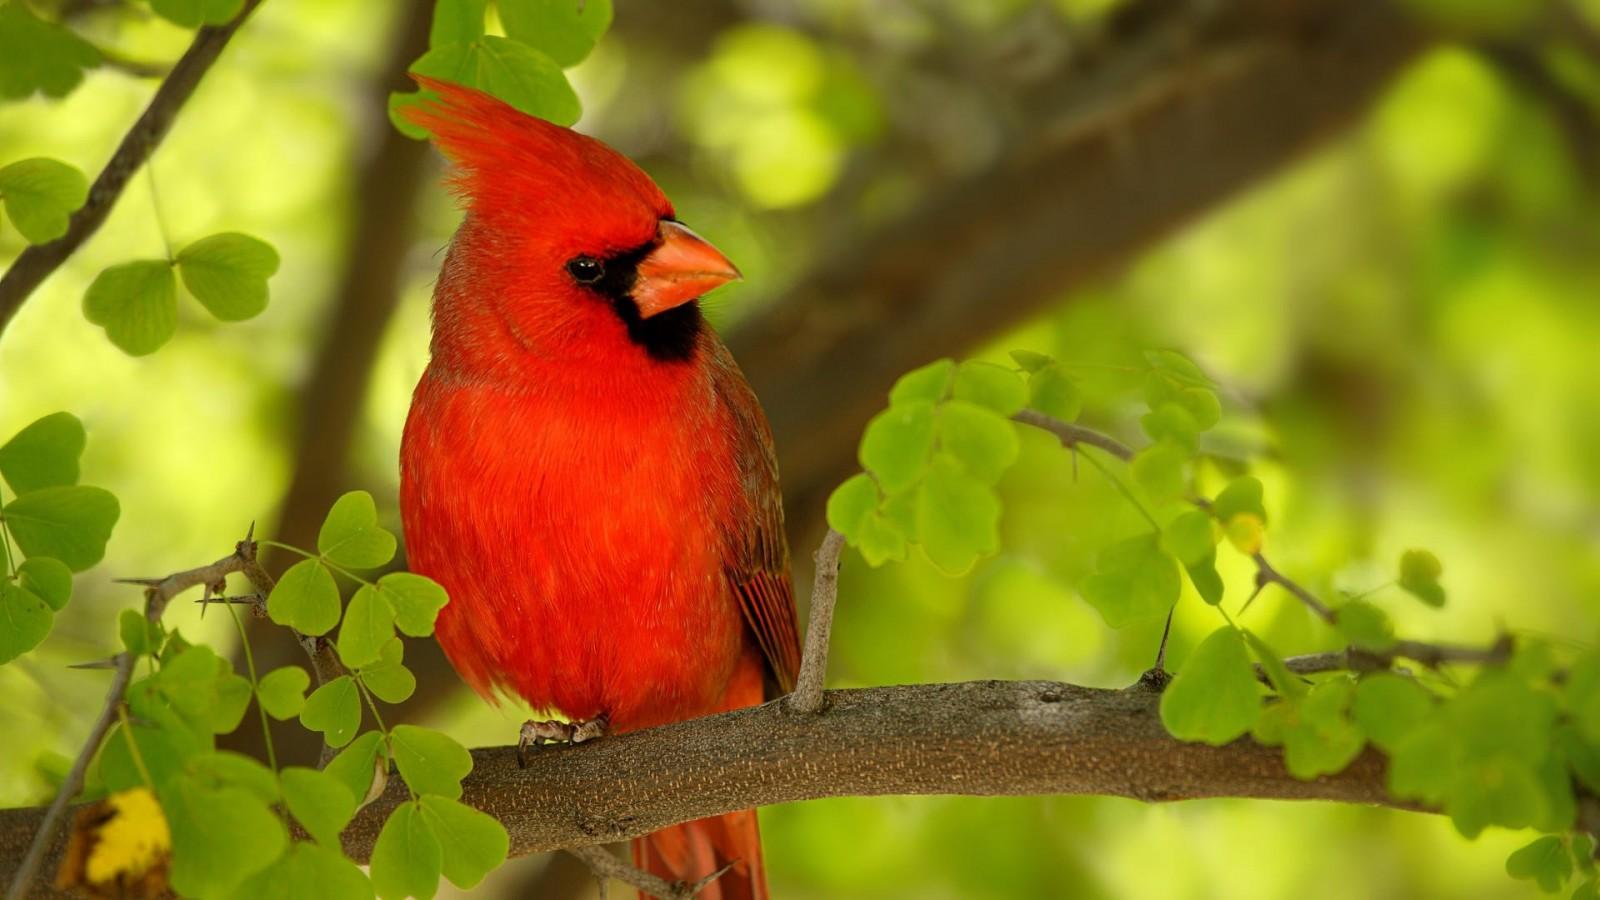 cardinalscardinal birdflying cardinalsweet cardinalsred cardinal 1600x900